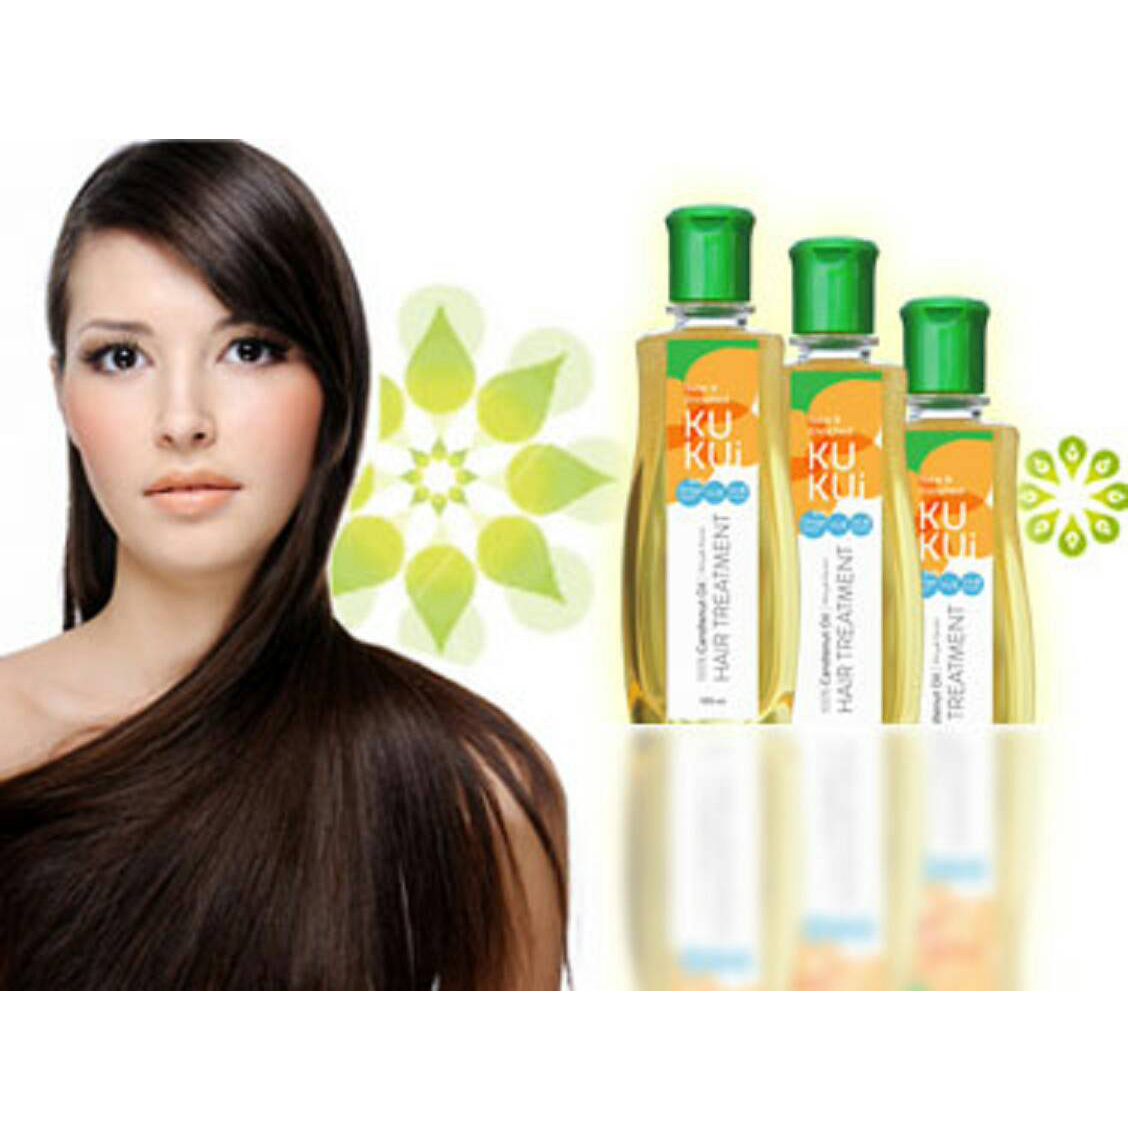 jual minyak kemiri kukui penyubur penguat rambut agar tidak rontok Merk Minyak Kemiri Untuk Menyuburkan Rambut